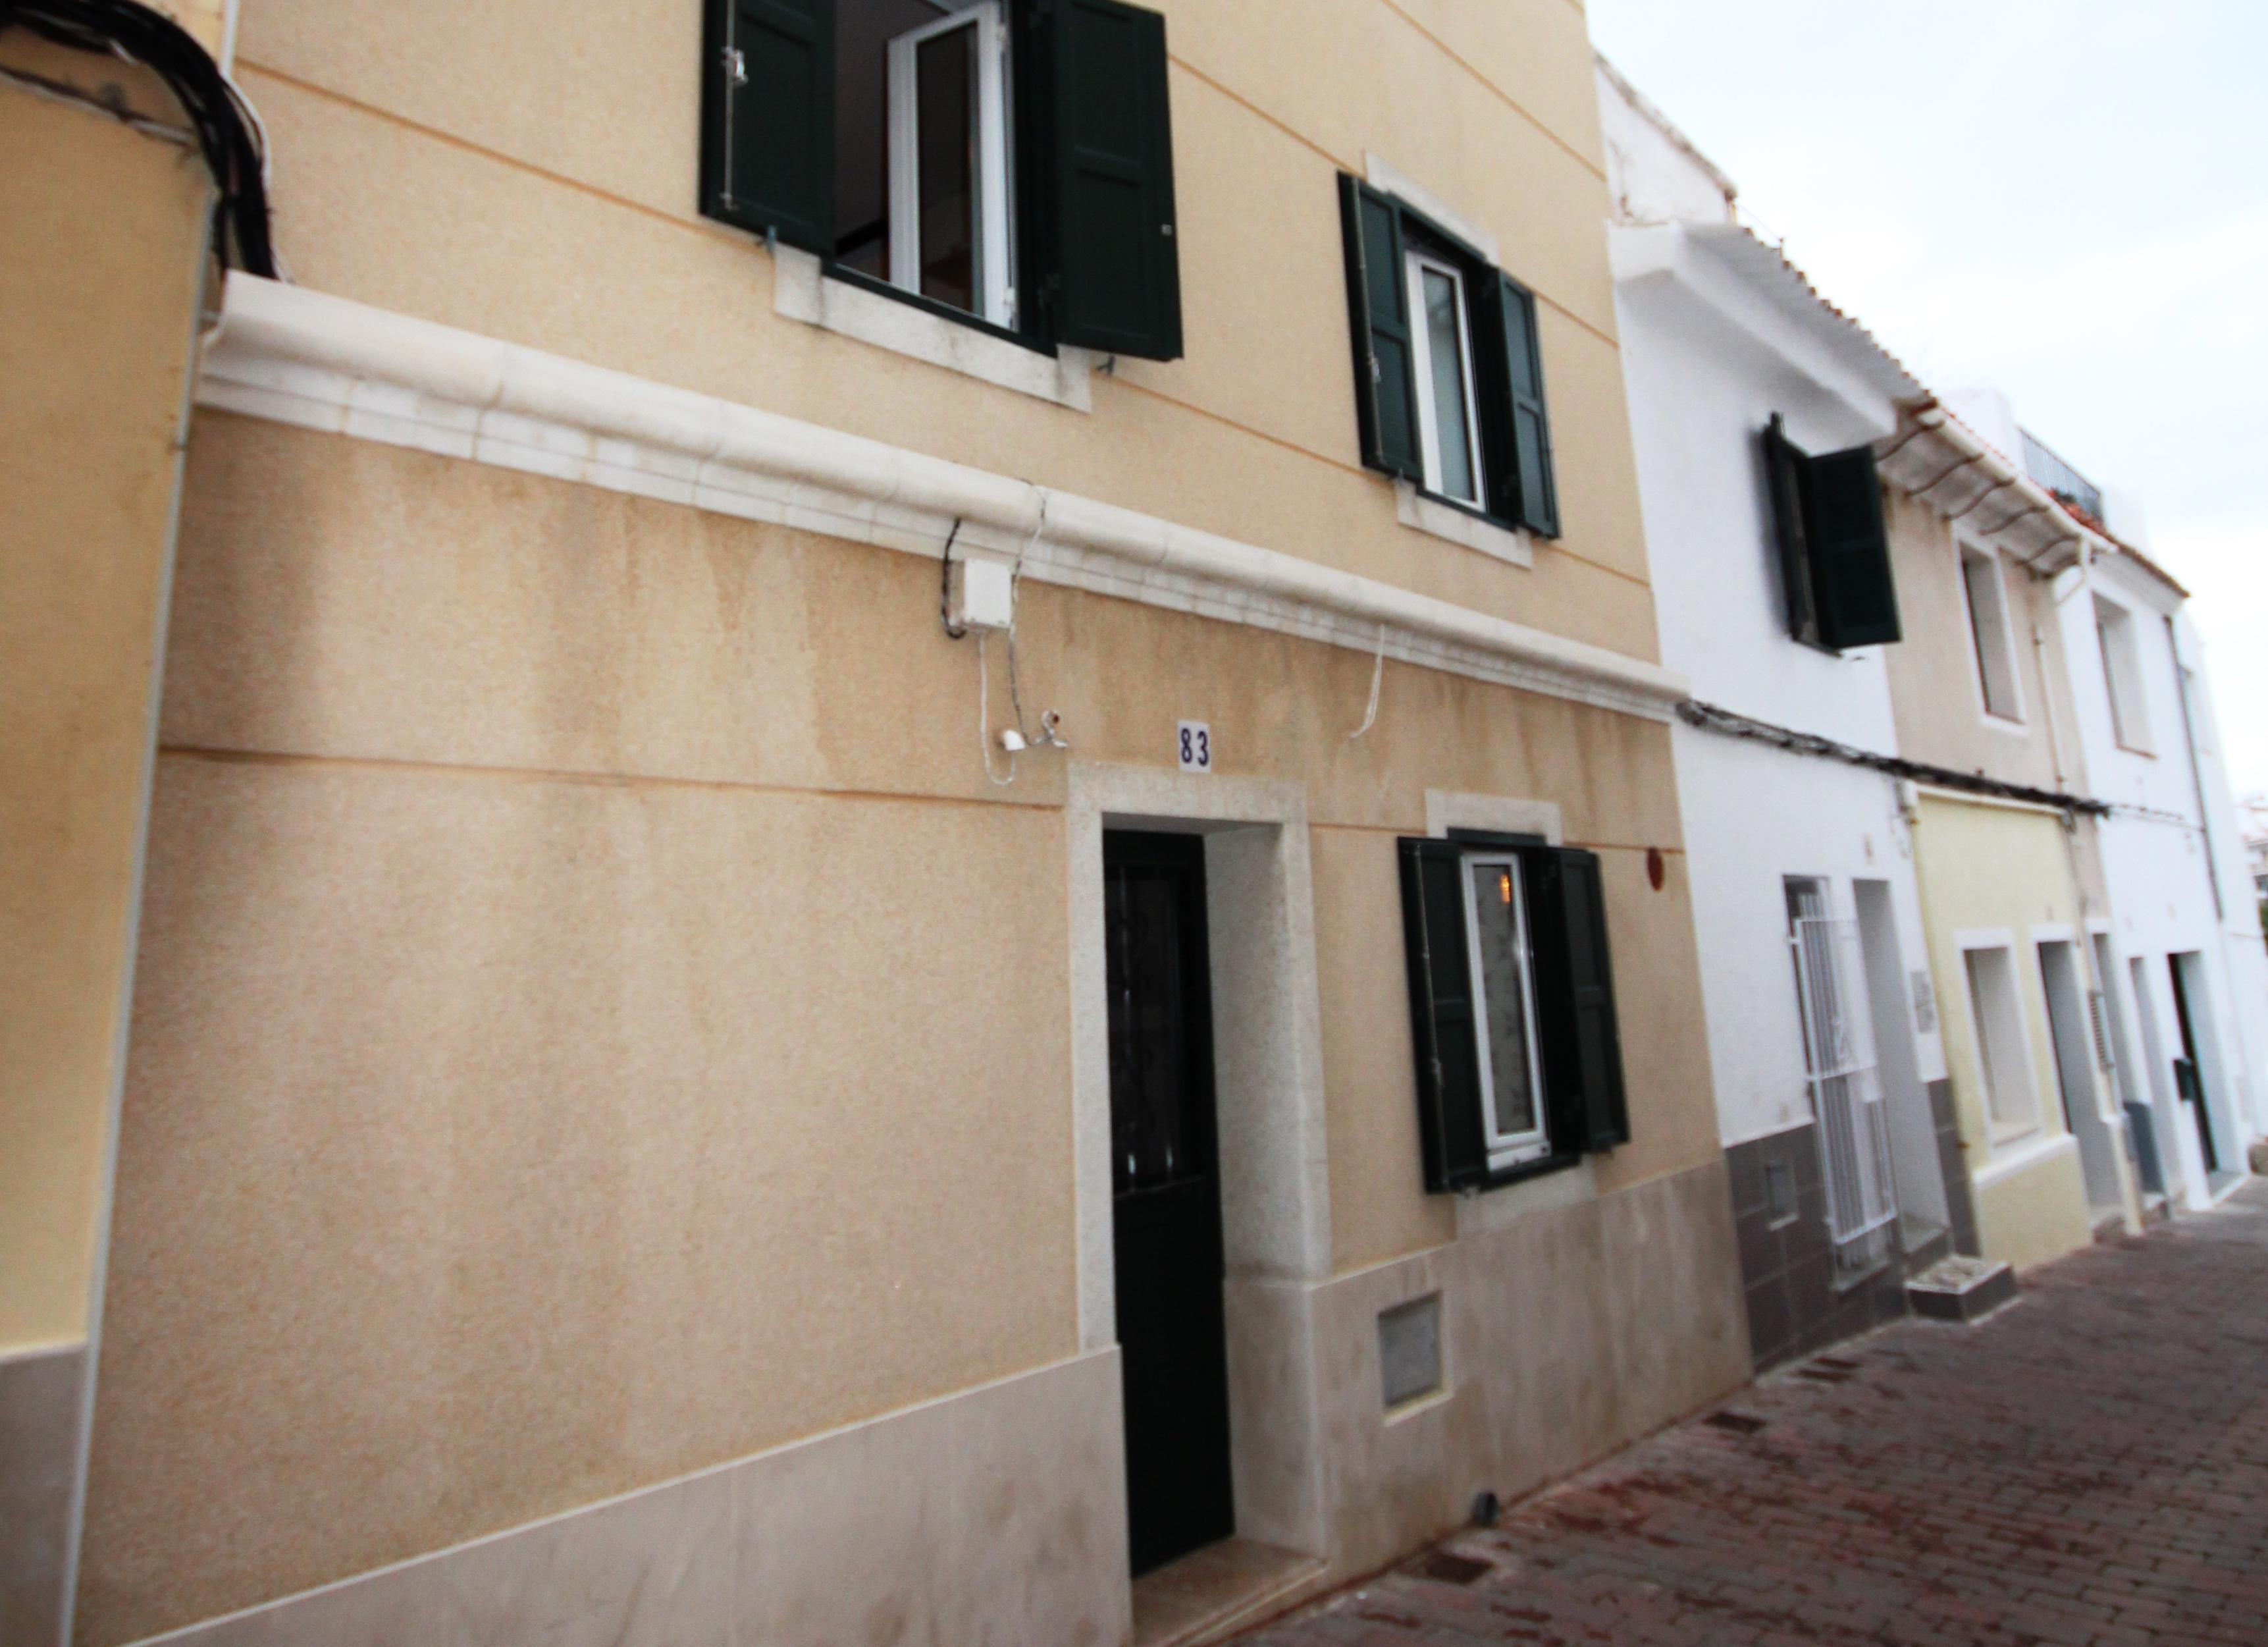 Exteriorlacasamásvista 1 - La casa más vista de Bonnin Sanso